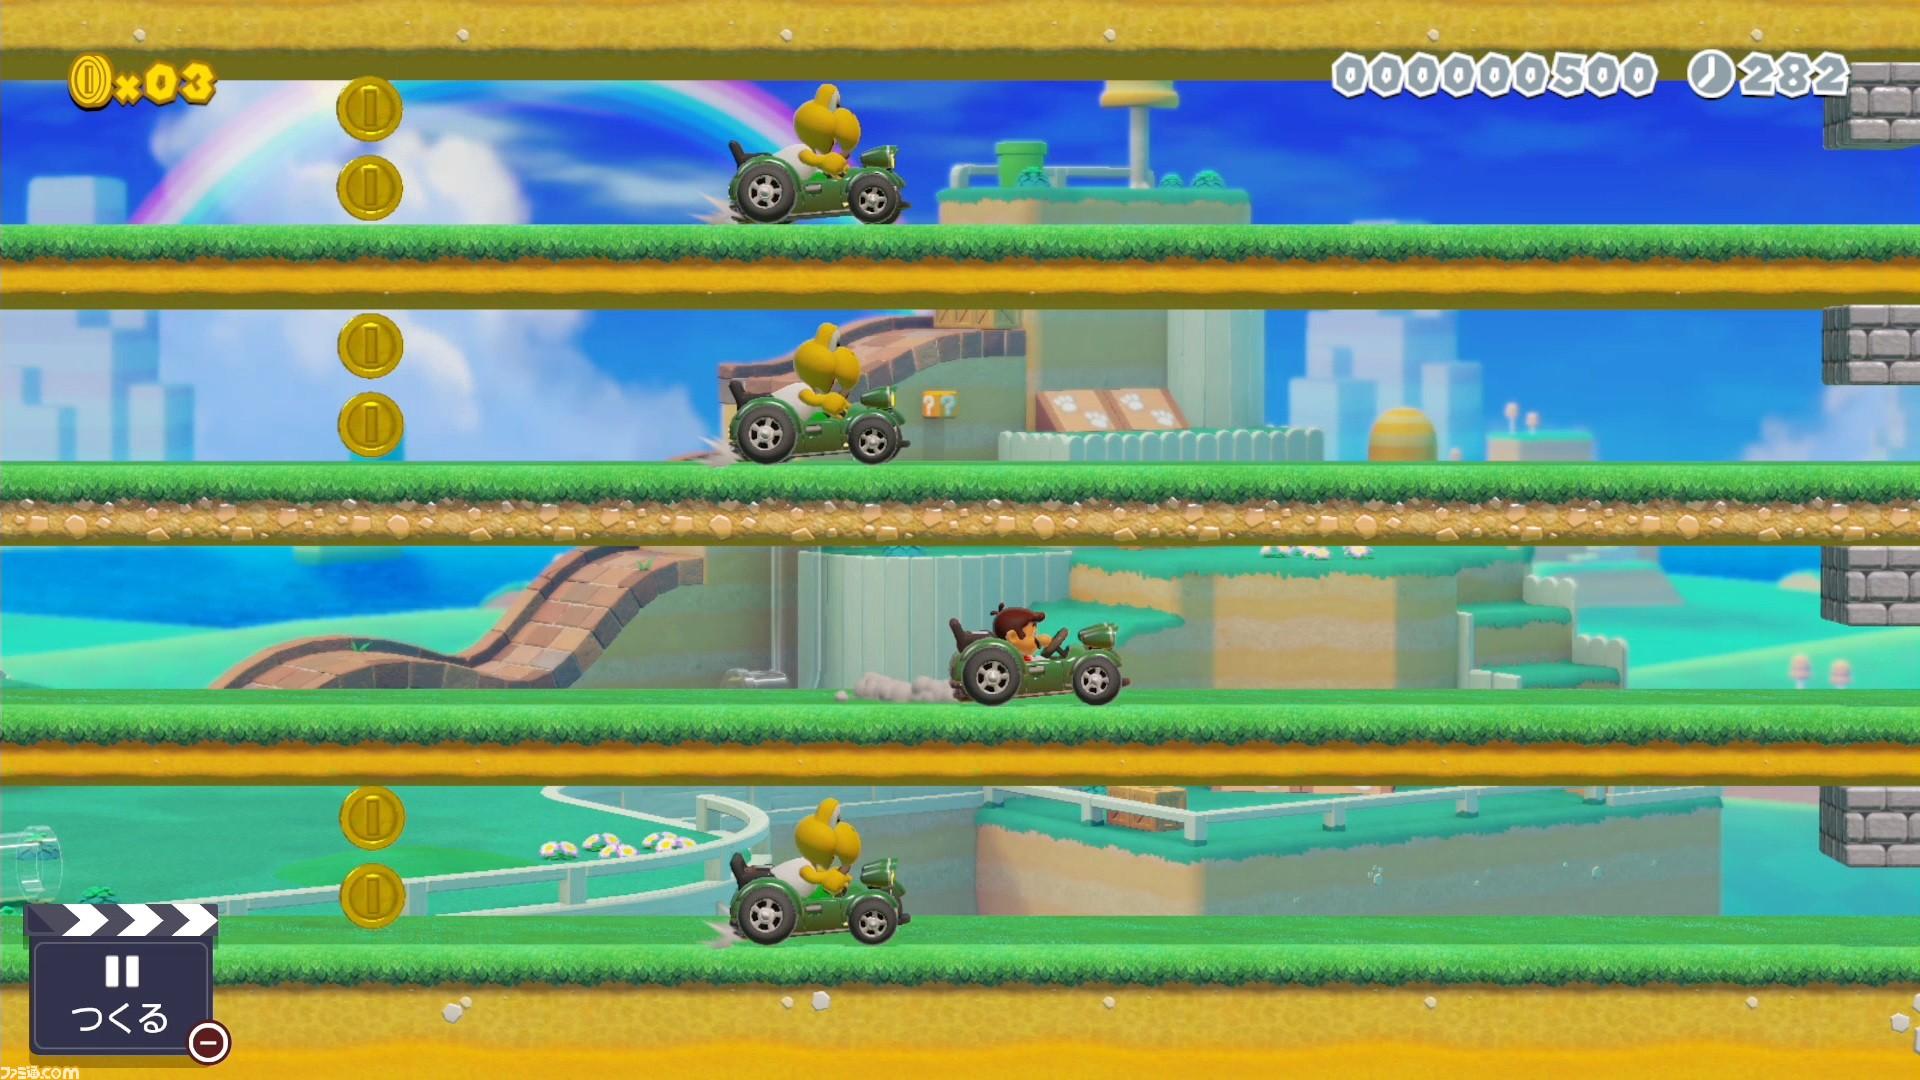 Nintendo news (May 30): Mario Tennis Aces / Super Mario